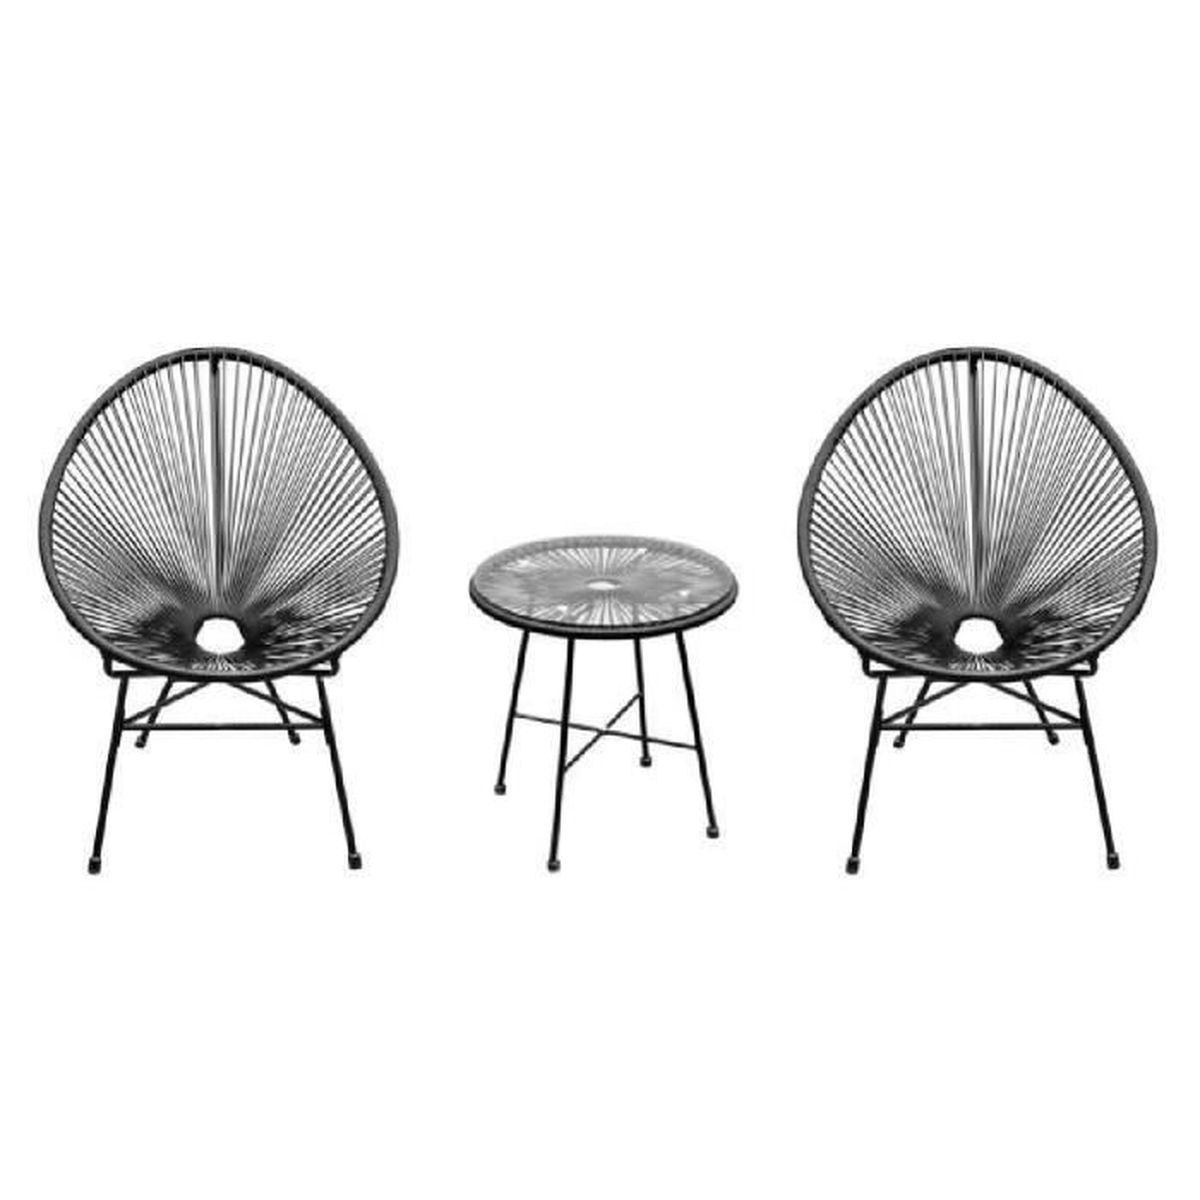 Ensemble salon de jardin design néo-rétro Acapulco 2 fauteuils et table  basse cordage PVC verre trempé noir neuf 11BK